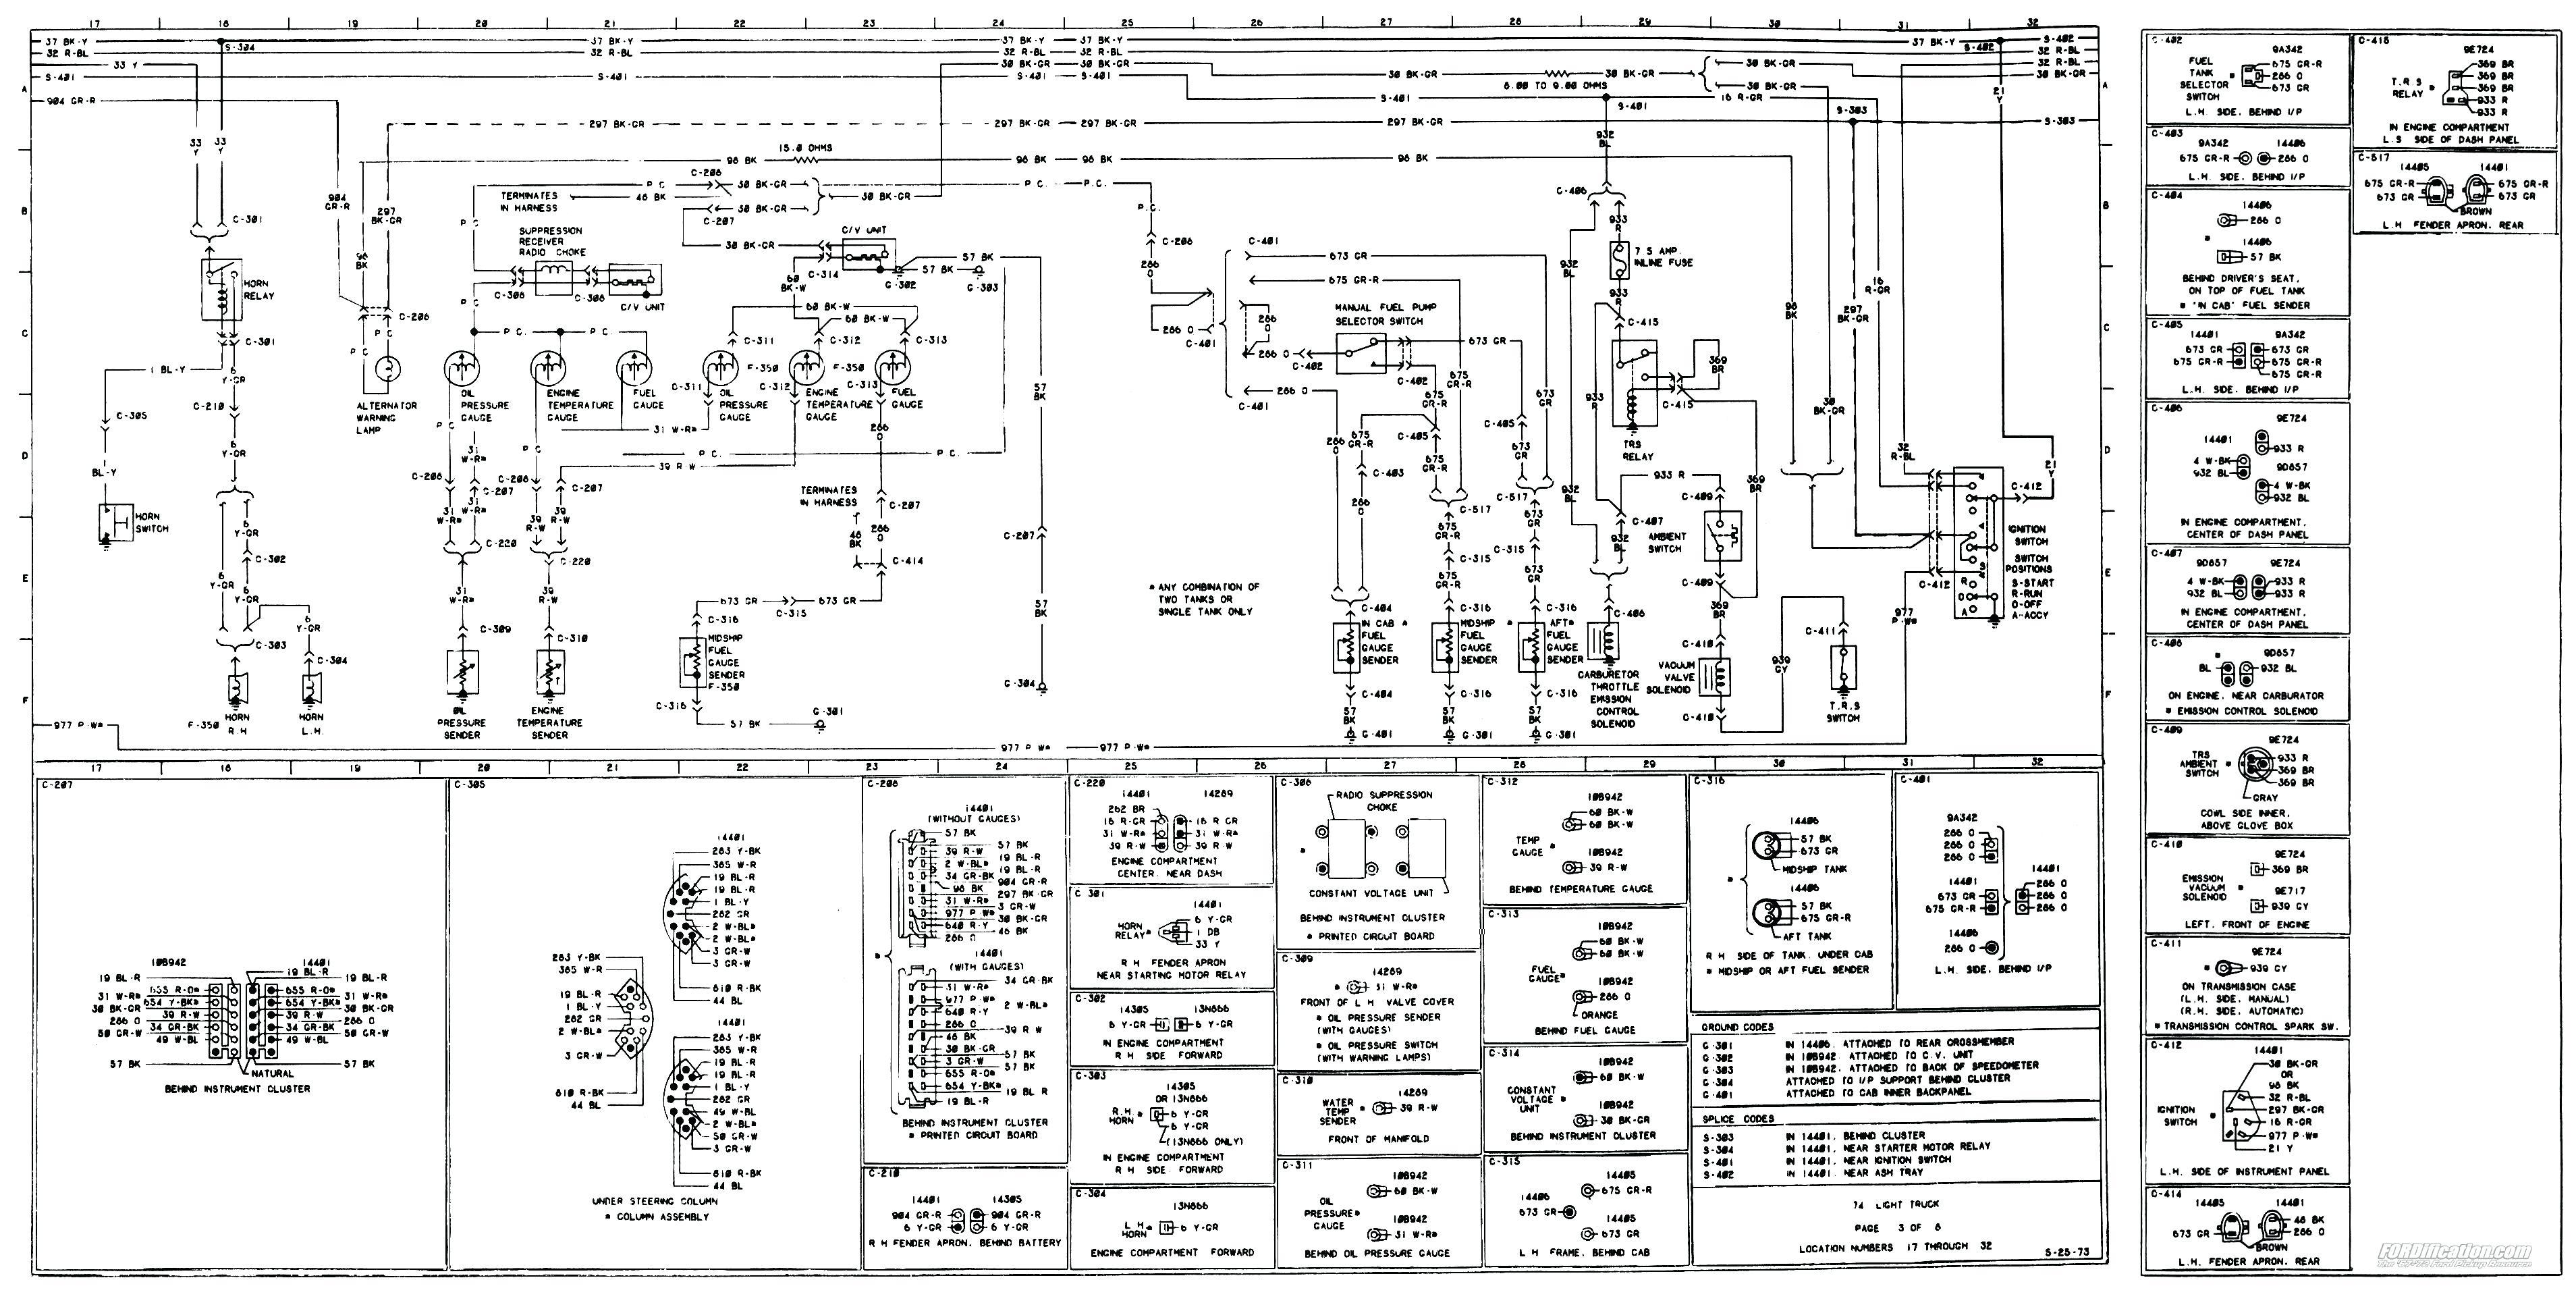 [DIAGRAM] Bose Acoustimass 10 Wiring Diagram FULL Version